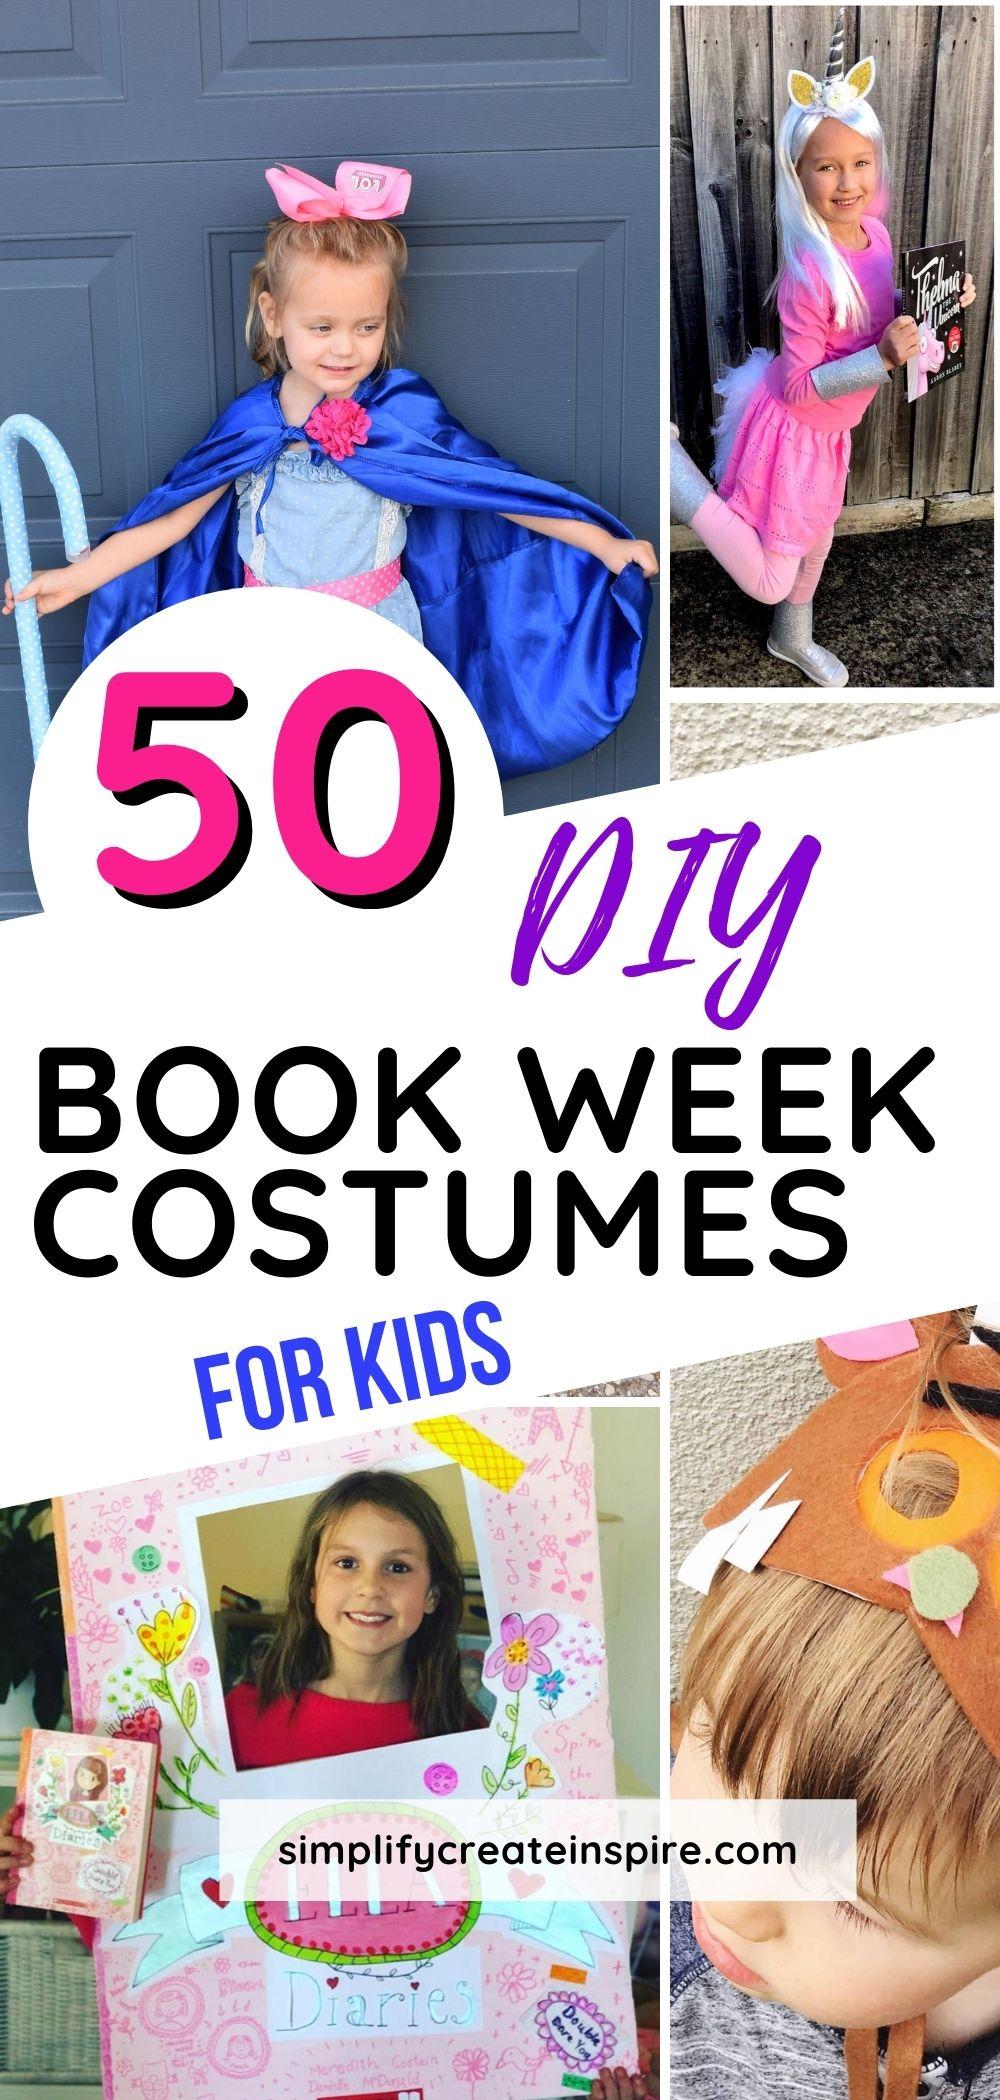 Diy book week costumes